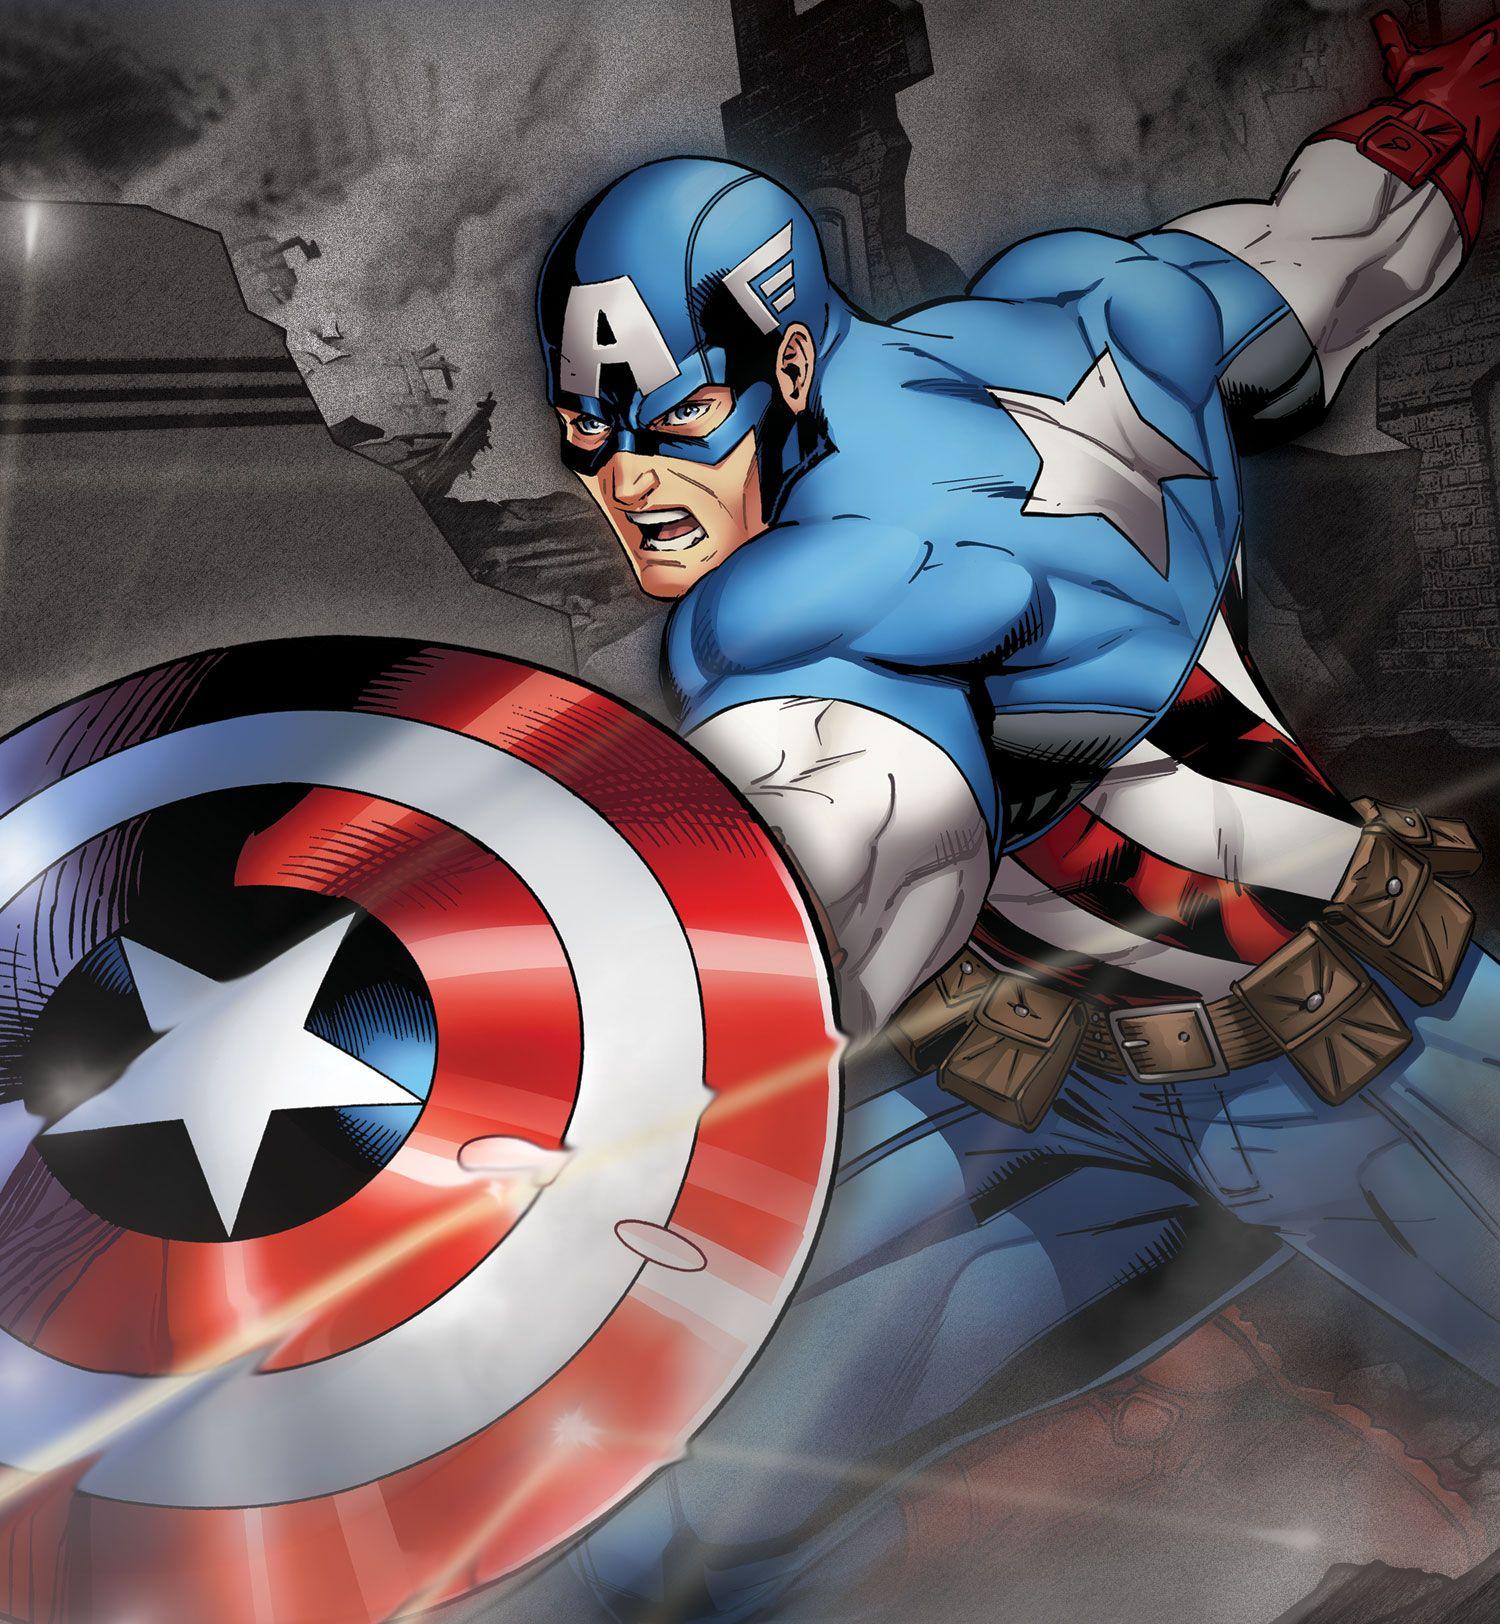 キャプテン・アメリカ|キャラクター|マーベル|